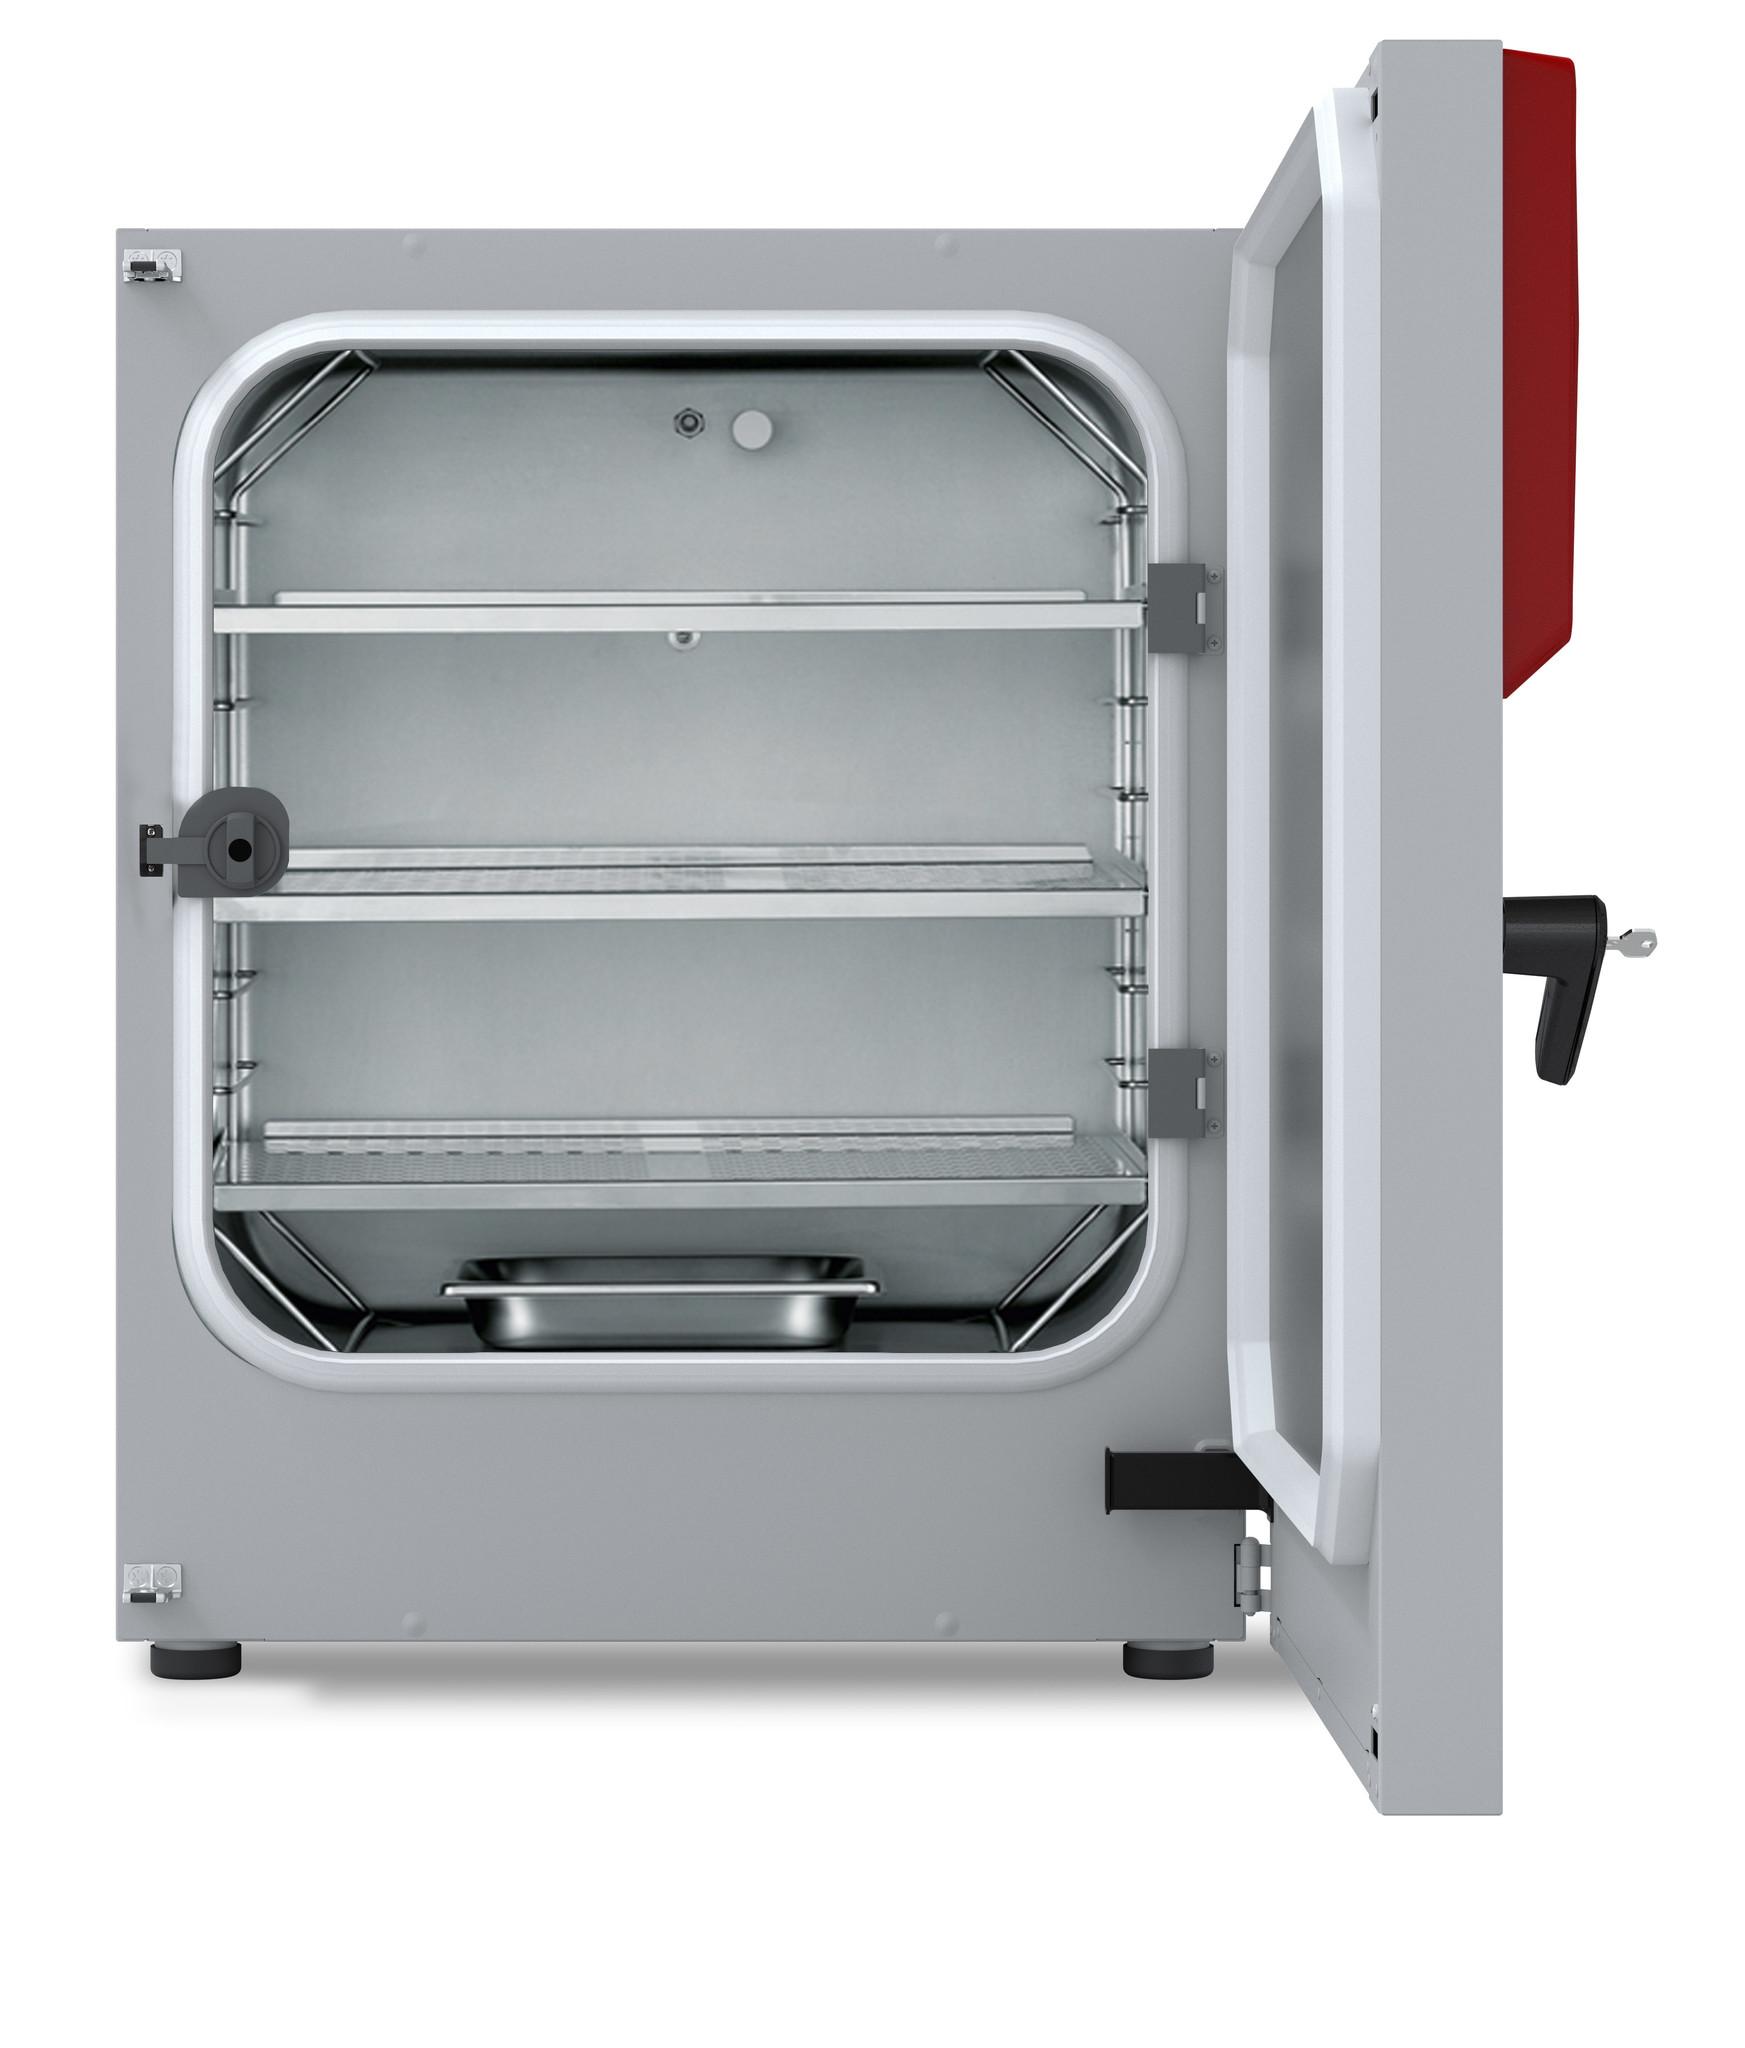 Binder C 170 CO2-Inkubator - NEU